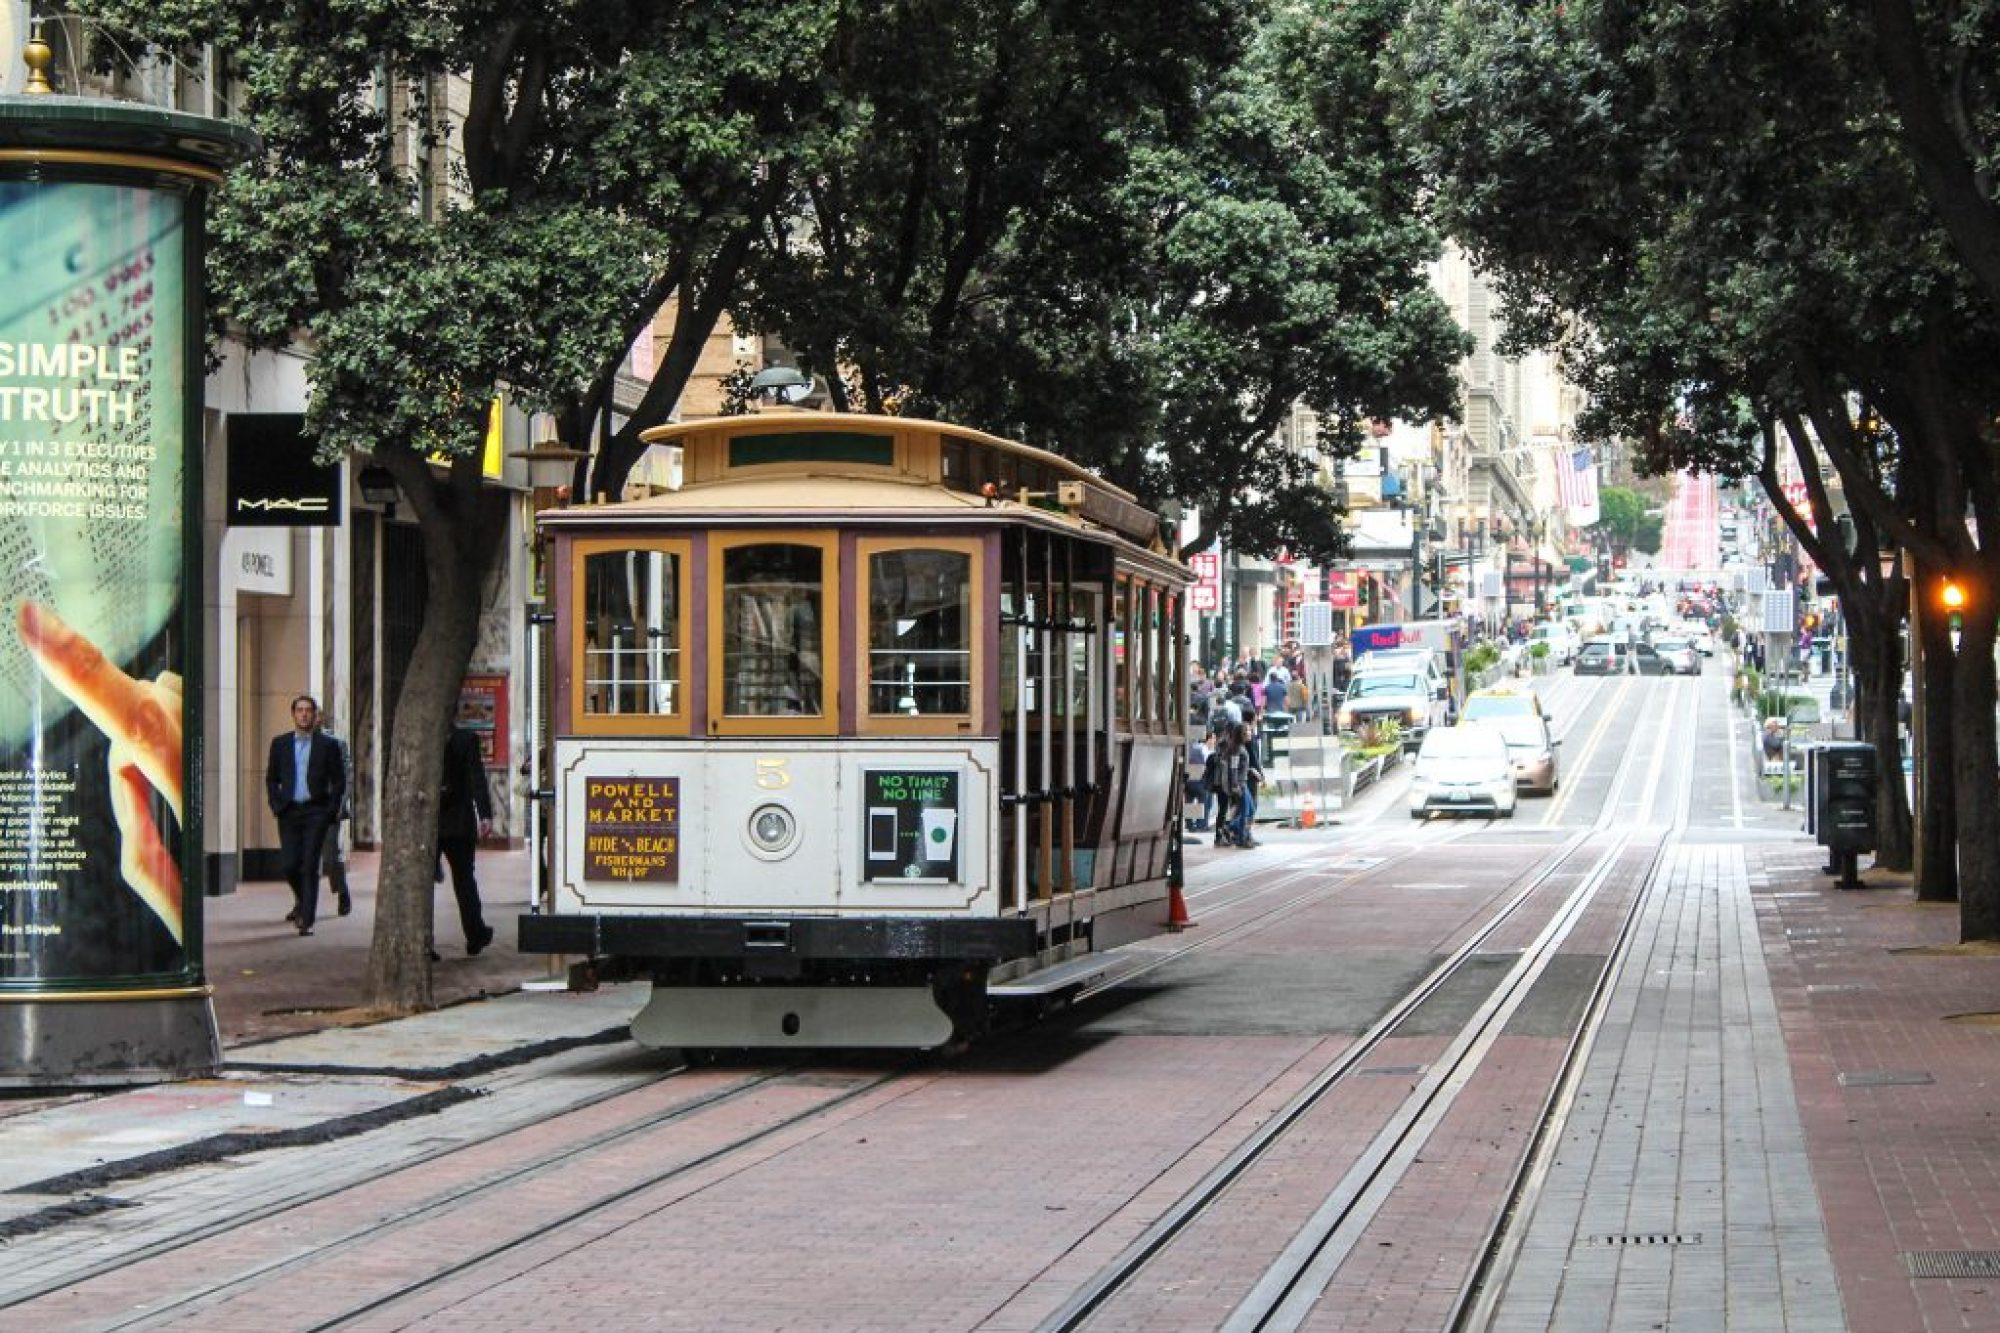 Tranvías de San Francisco-5